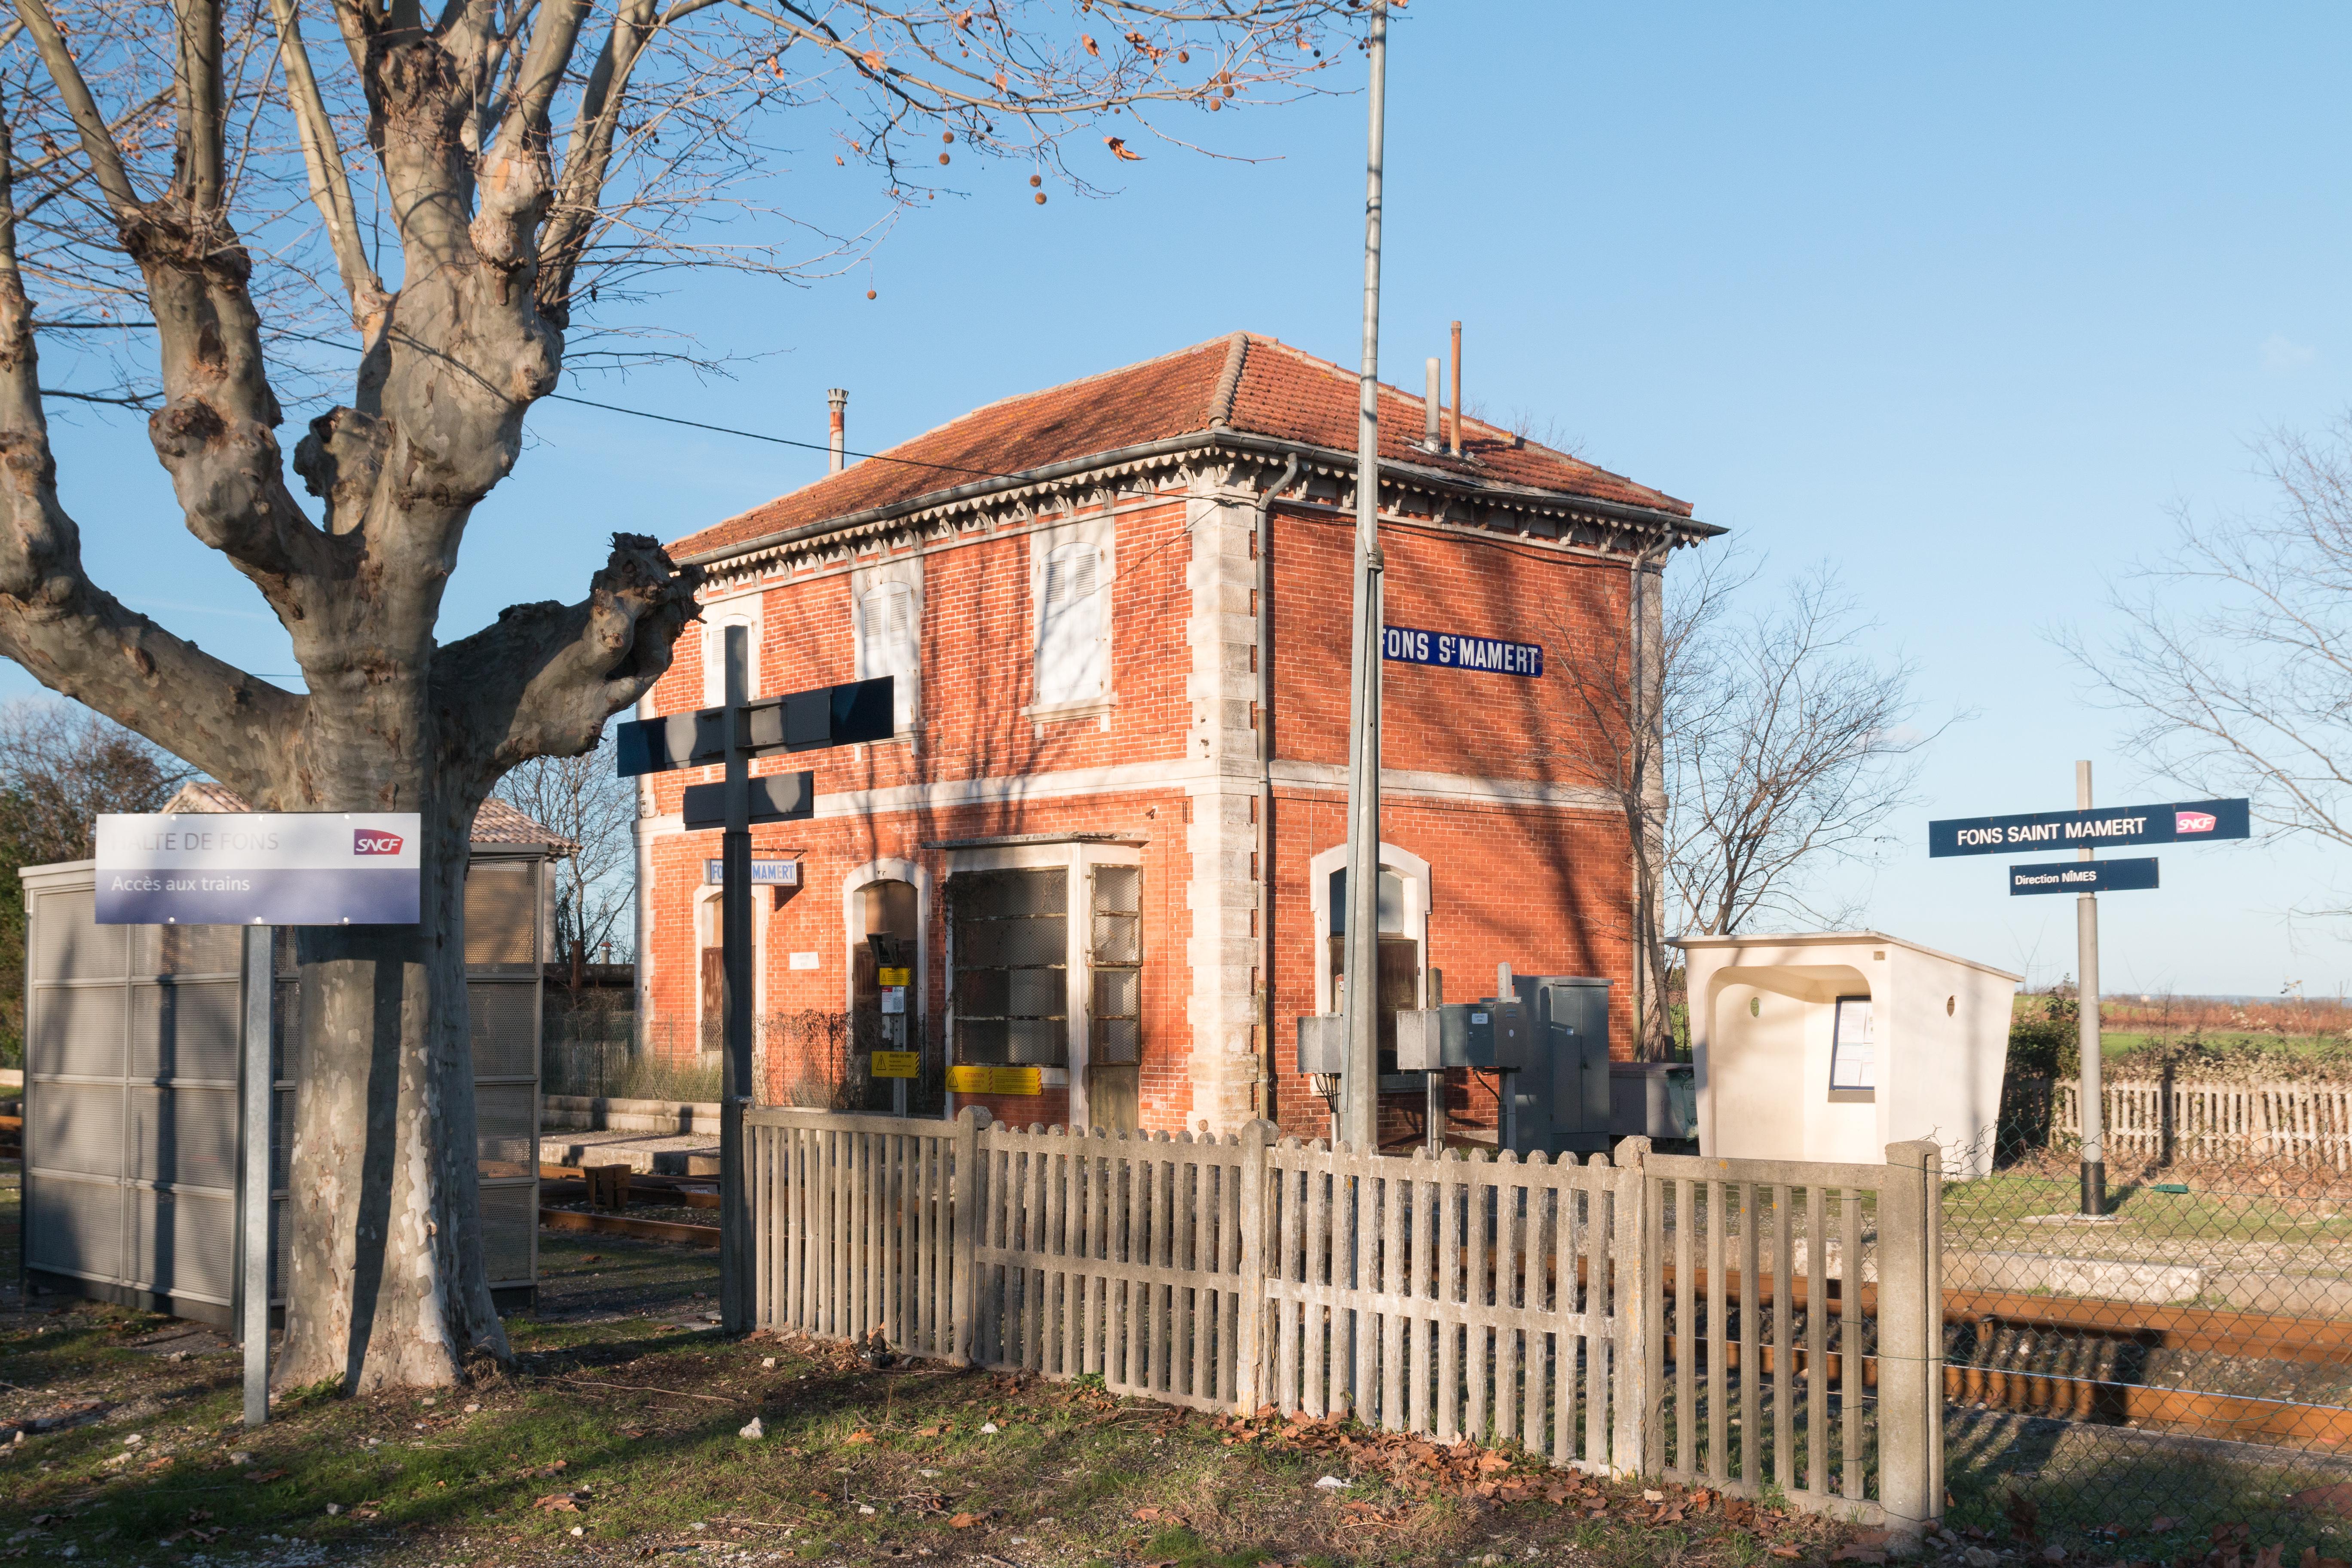 Fons, Gard - Wikipedia